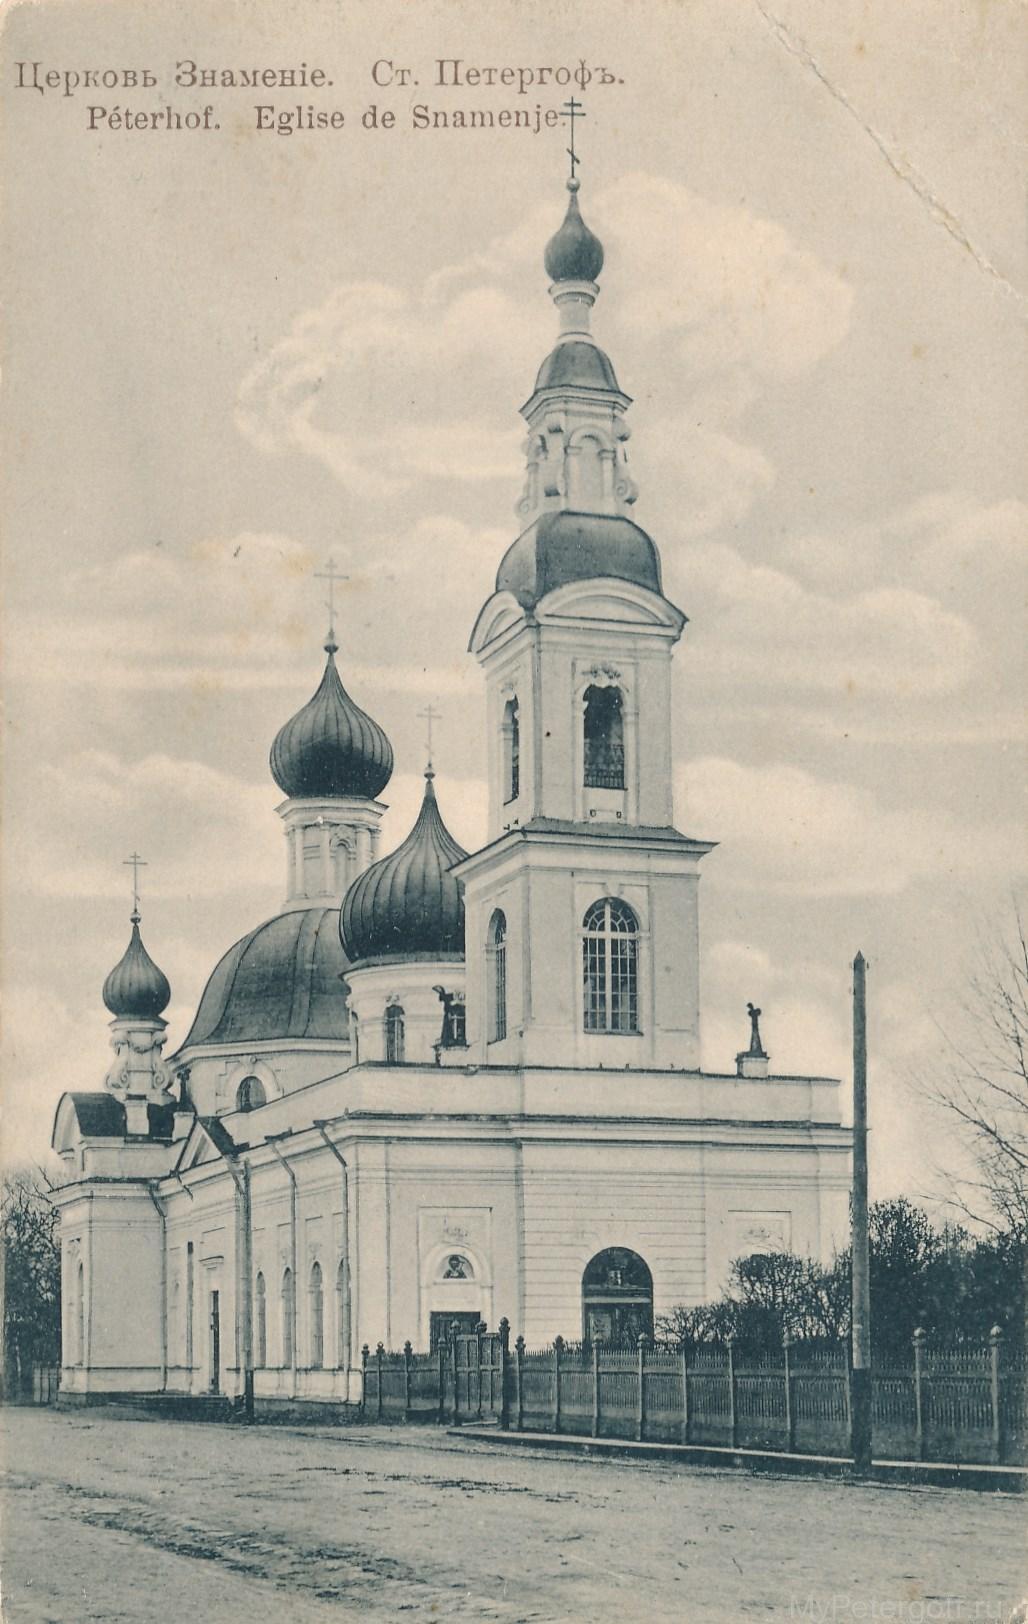 Церковь Знамение